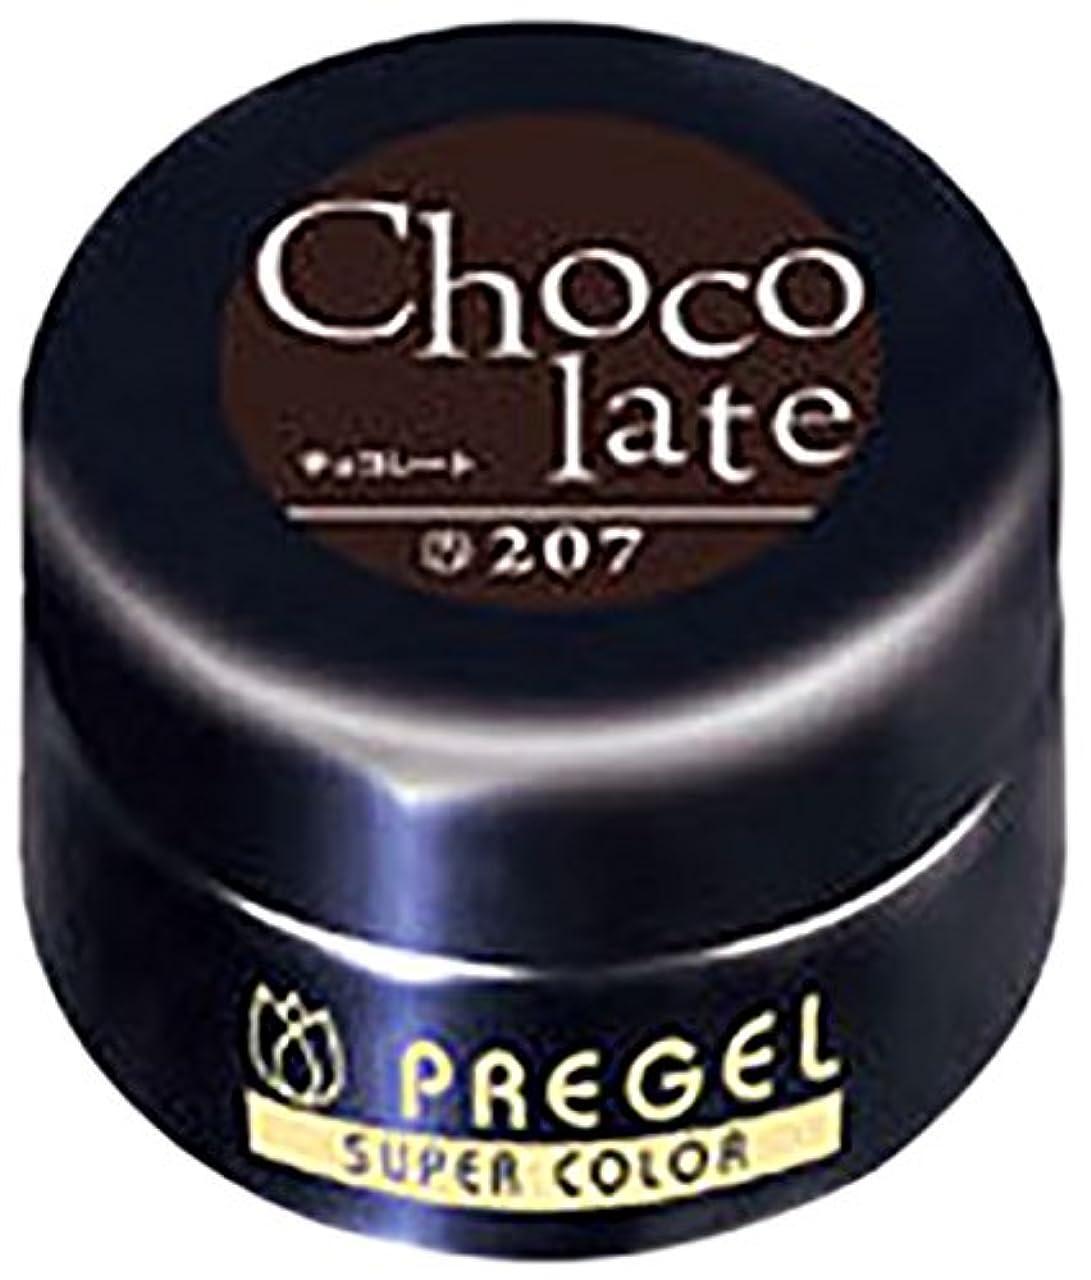 かみそりブロッサム路面電車プリジェル ジェルネイル スーパーカラーEX チョコレート 4g PG-SE207